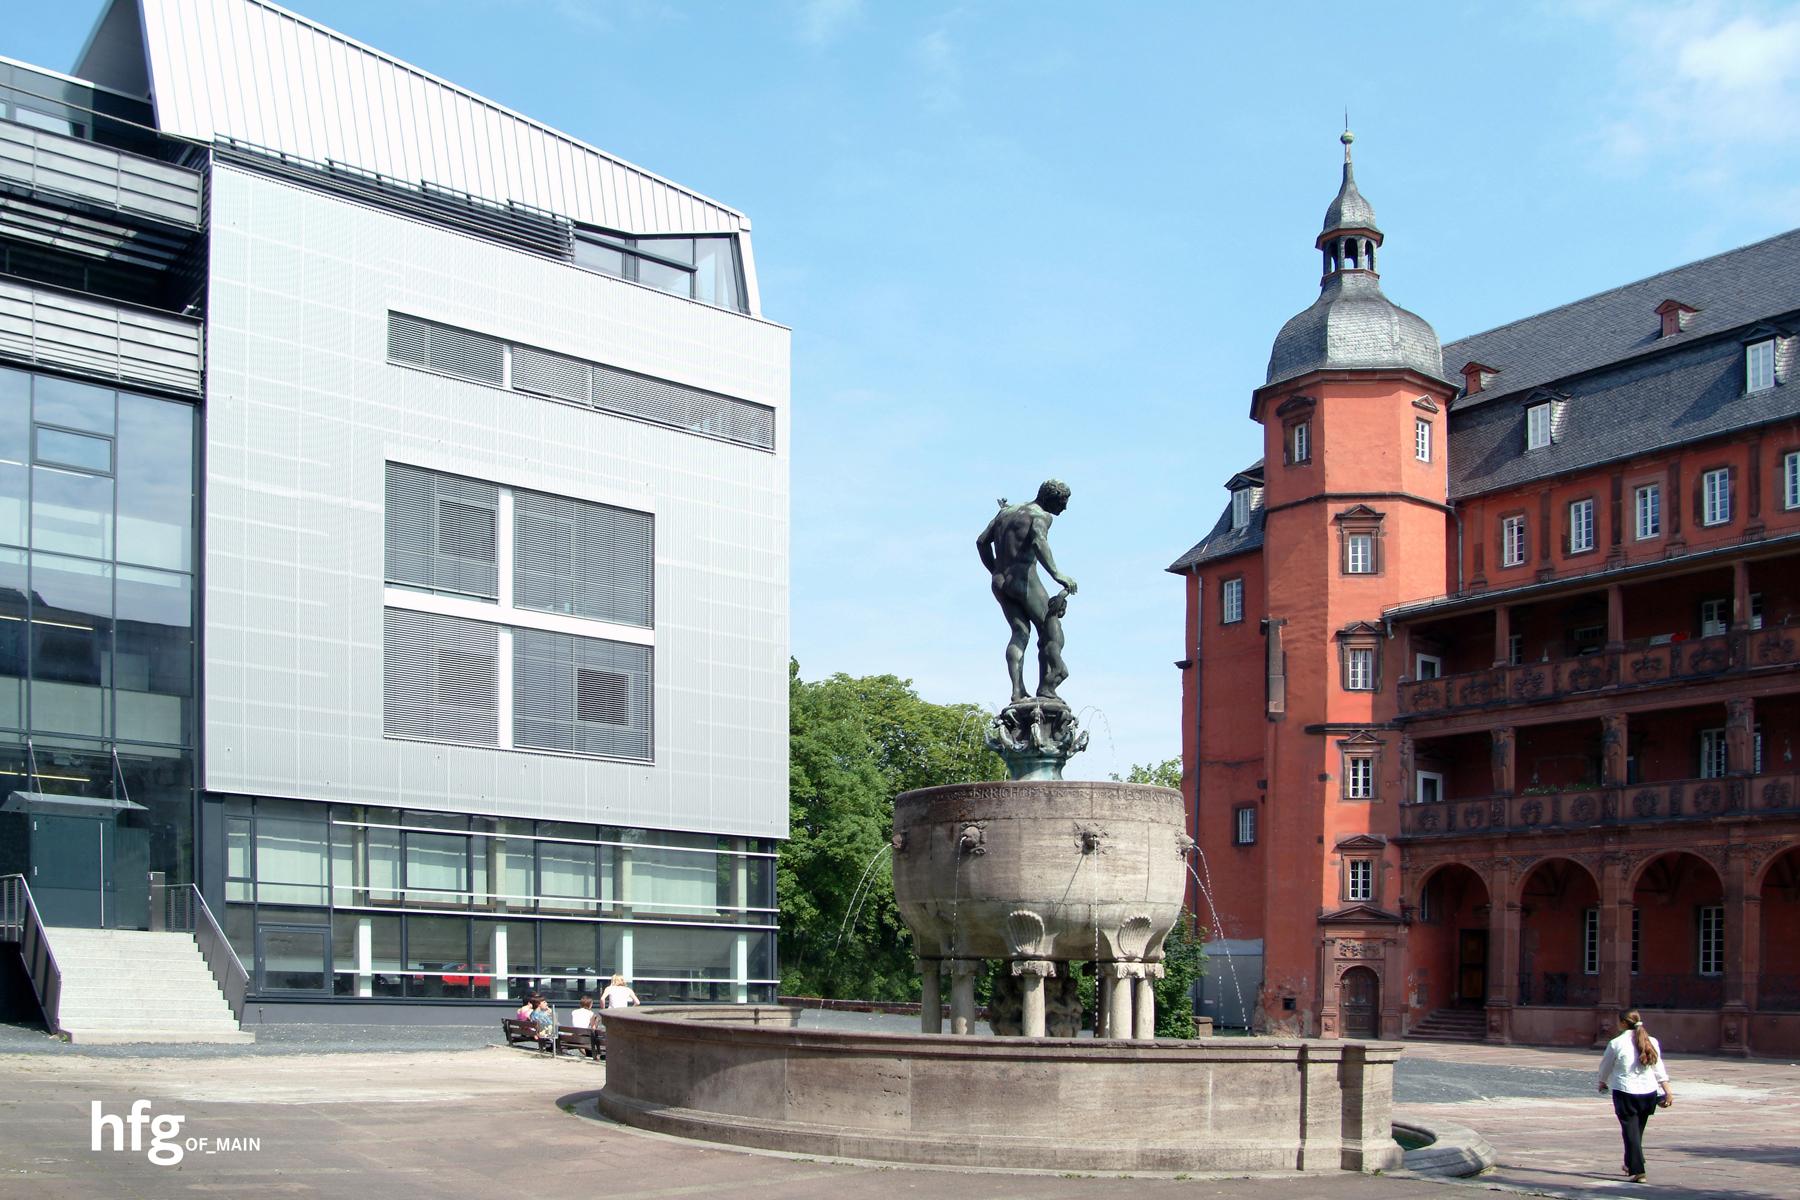 hfg_Campus_Brunnen